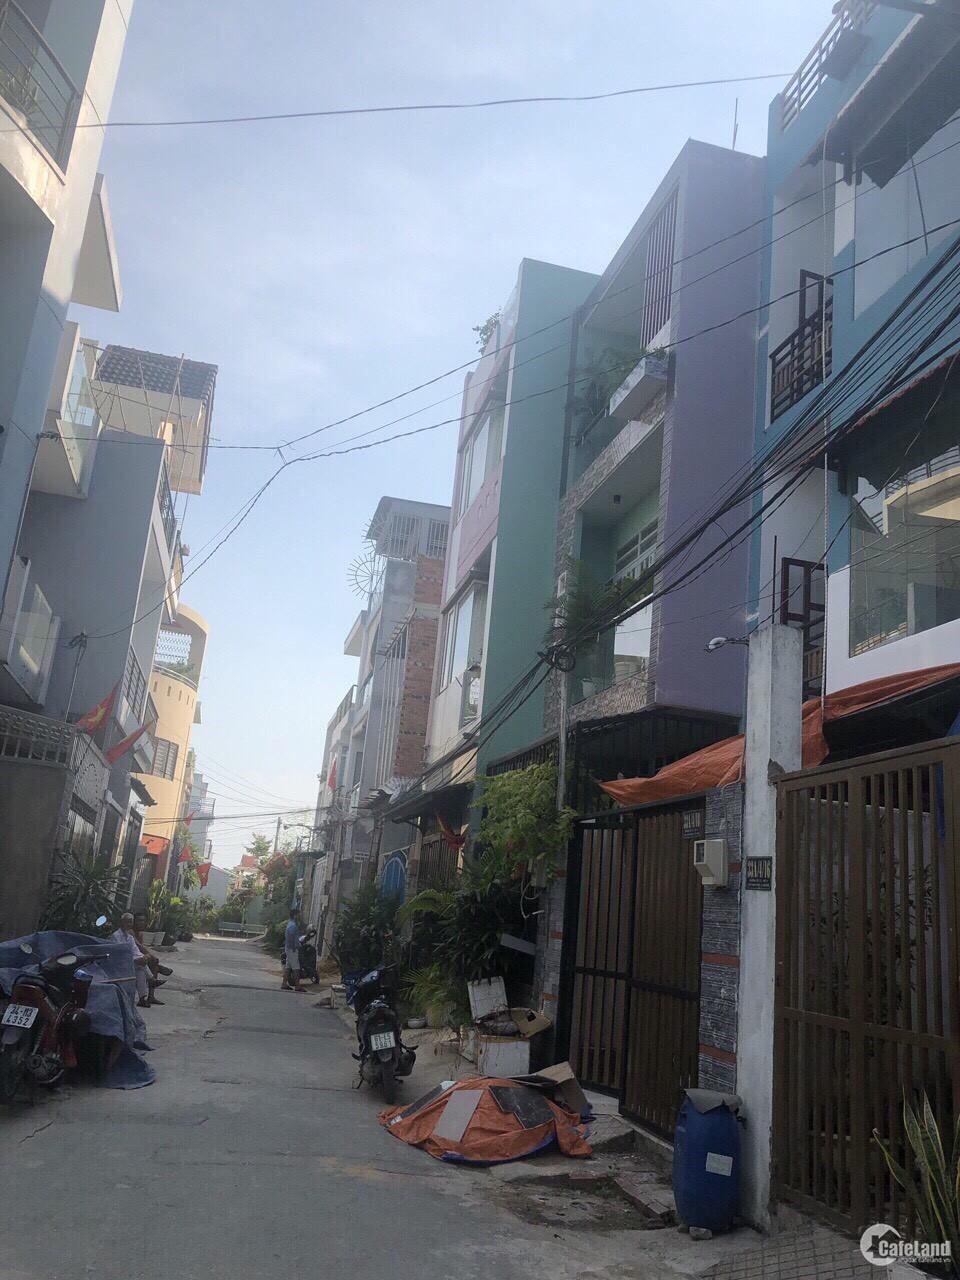 Bán nhà 1 trệt 1 lửng 2 lầu 1 tum đường 12, phường Hiệp Bình Phước, quận Thủ Đức